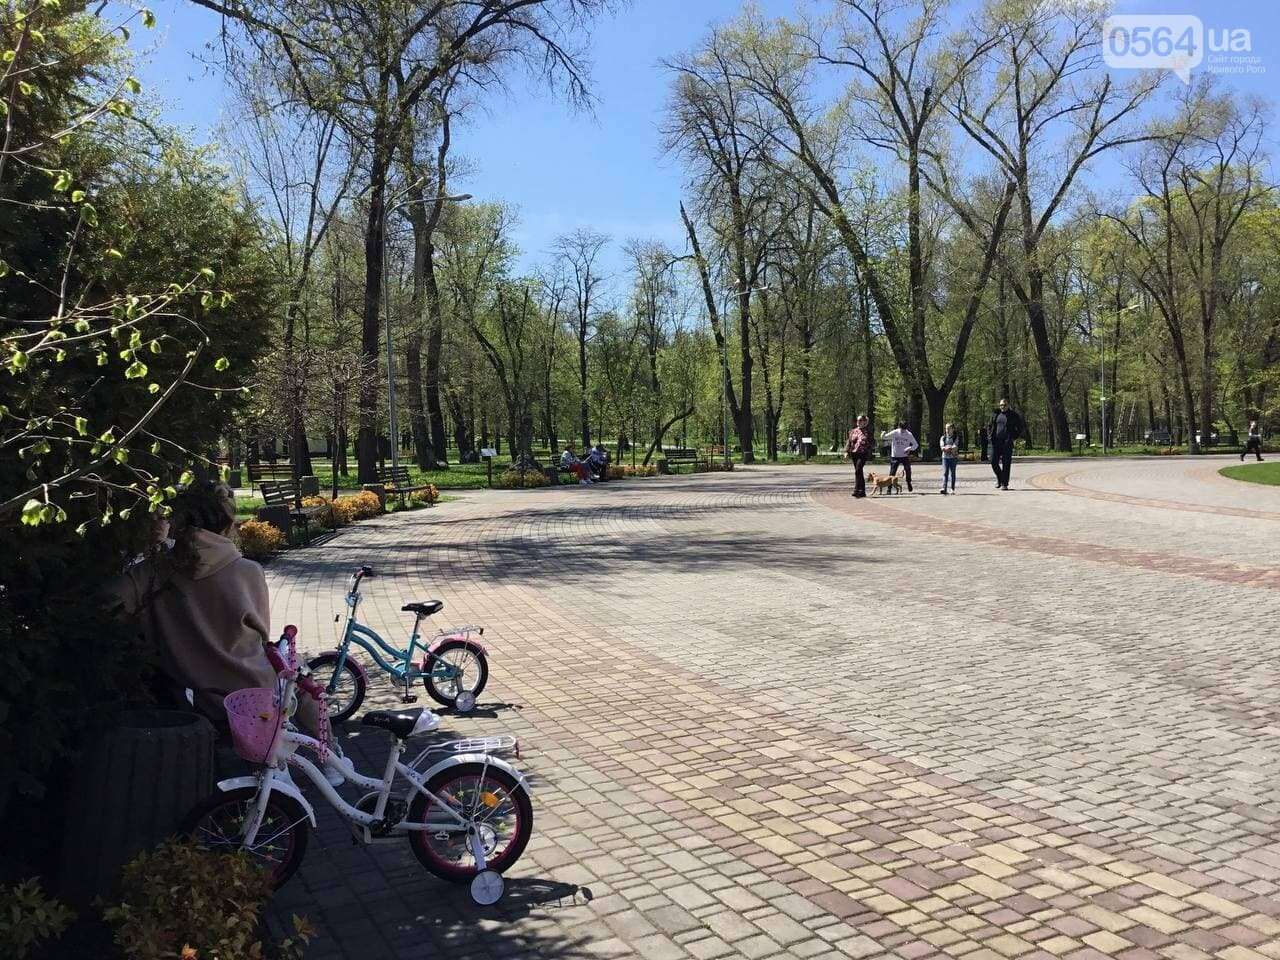 Прогулки, фотосессии, отдых на природе, - как криворожане провели первые дни мая, - ФОТО, ВИДЕО, фото-14